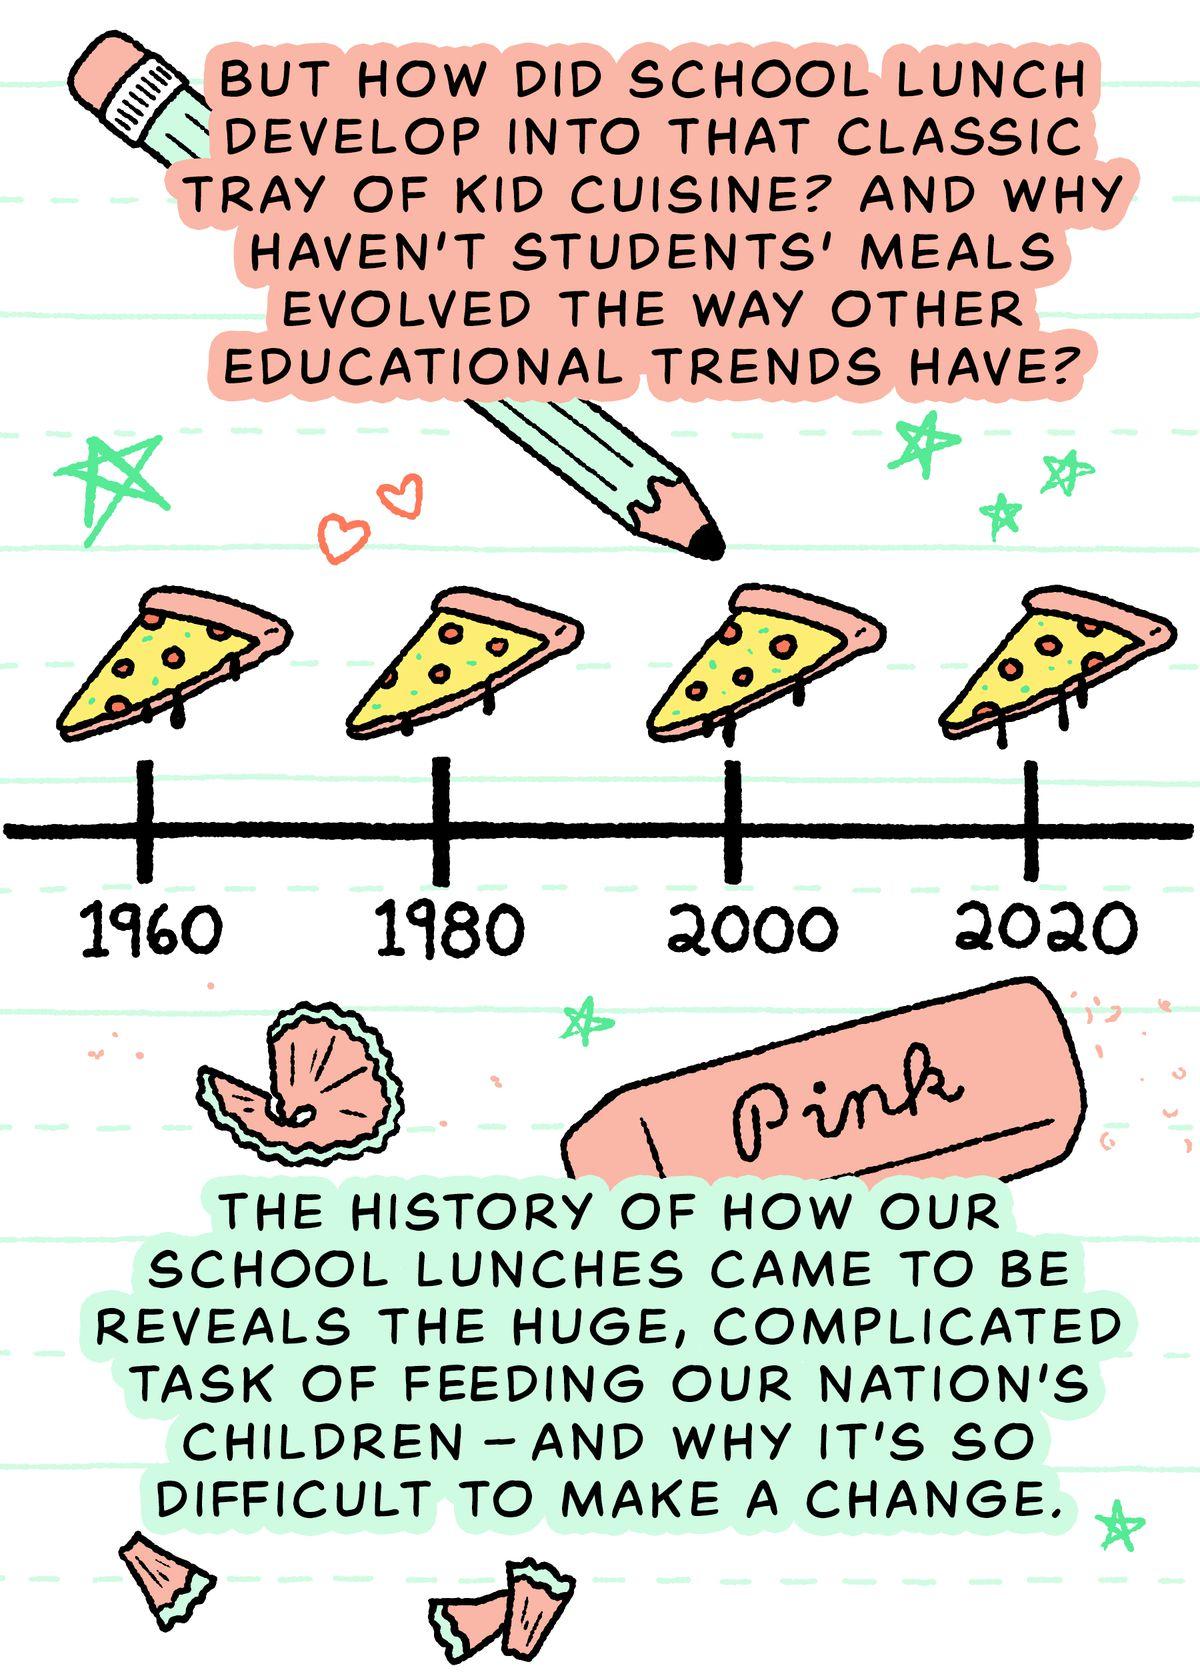 Une chronologie des déjeuners scolaires comprenant tous des pizzas dessinées sur un livre de composition: mais comment le déjeuner scolaire est-il devenu ce plateau classique de la cuisine pour enfants?  Et pourquoi les repas des élèves n'ont-ils pas évolué comme d'autres tendances pédagogiques ?  L'histoire de la création de nos repas scolaires révèle la tâche énorme et compliquée de nourrir les enfants de notre pays – et pourquoi il est si difficile d'apporter un changement.